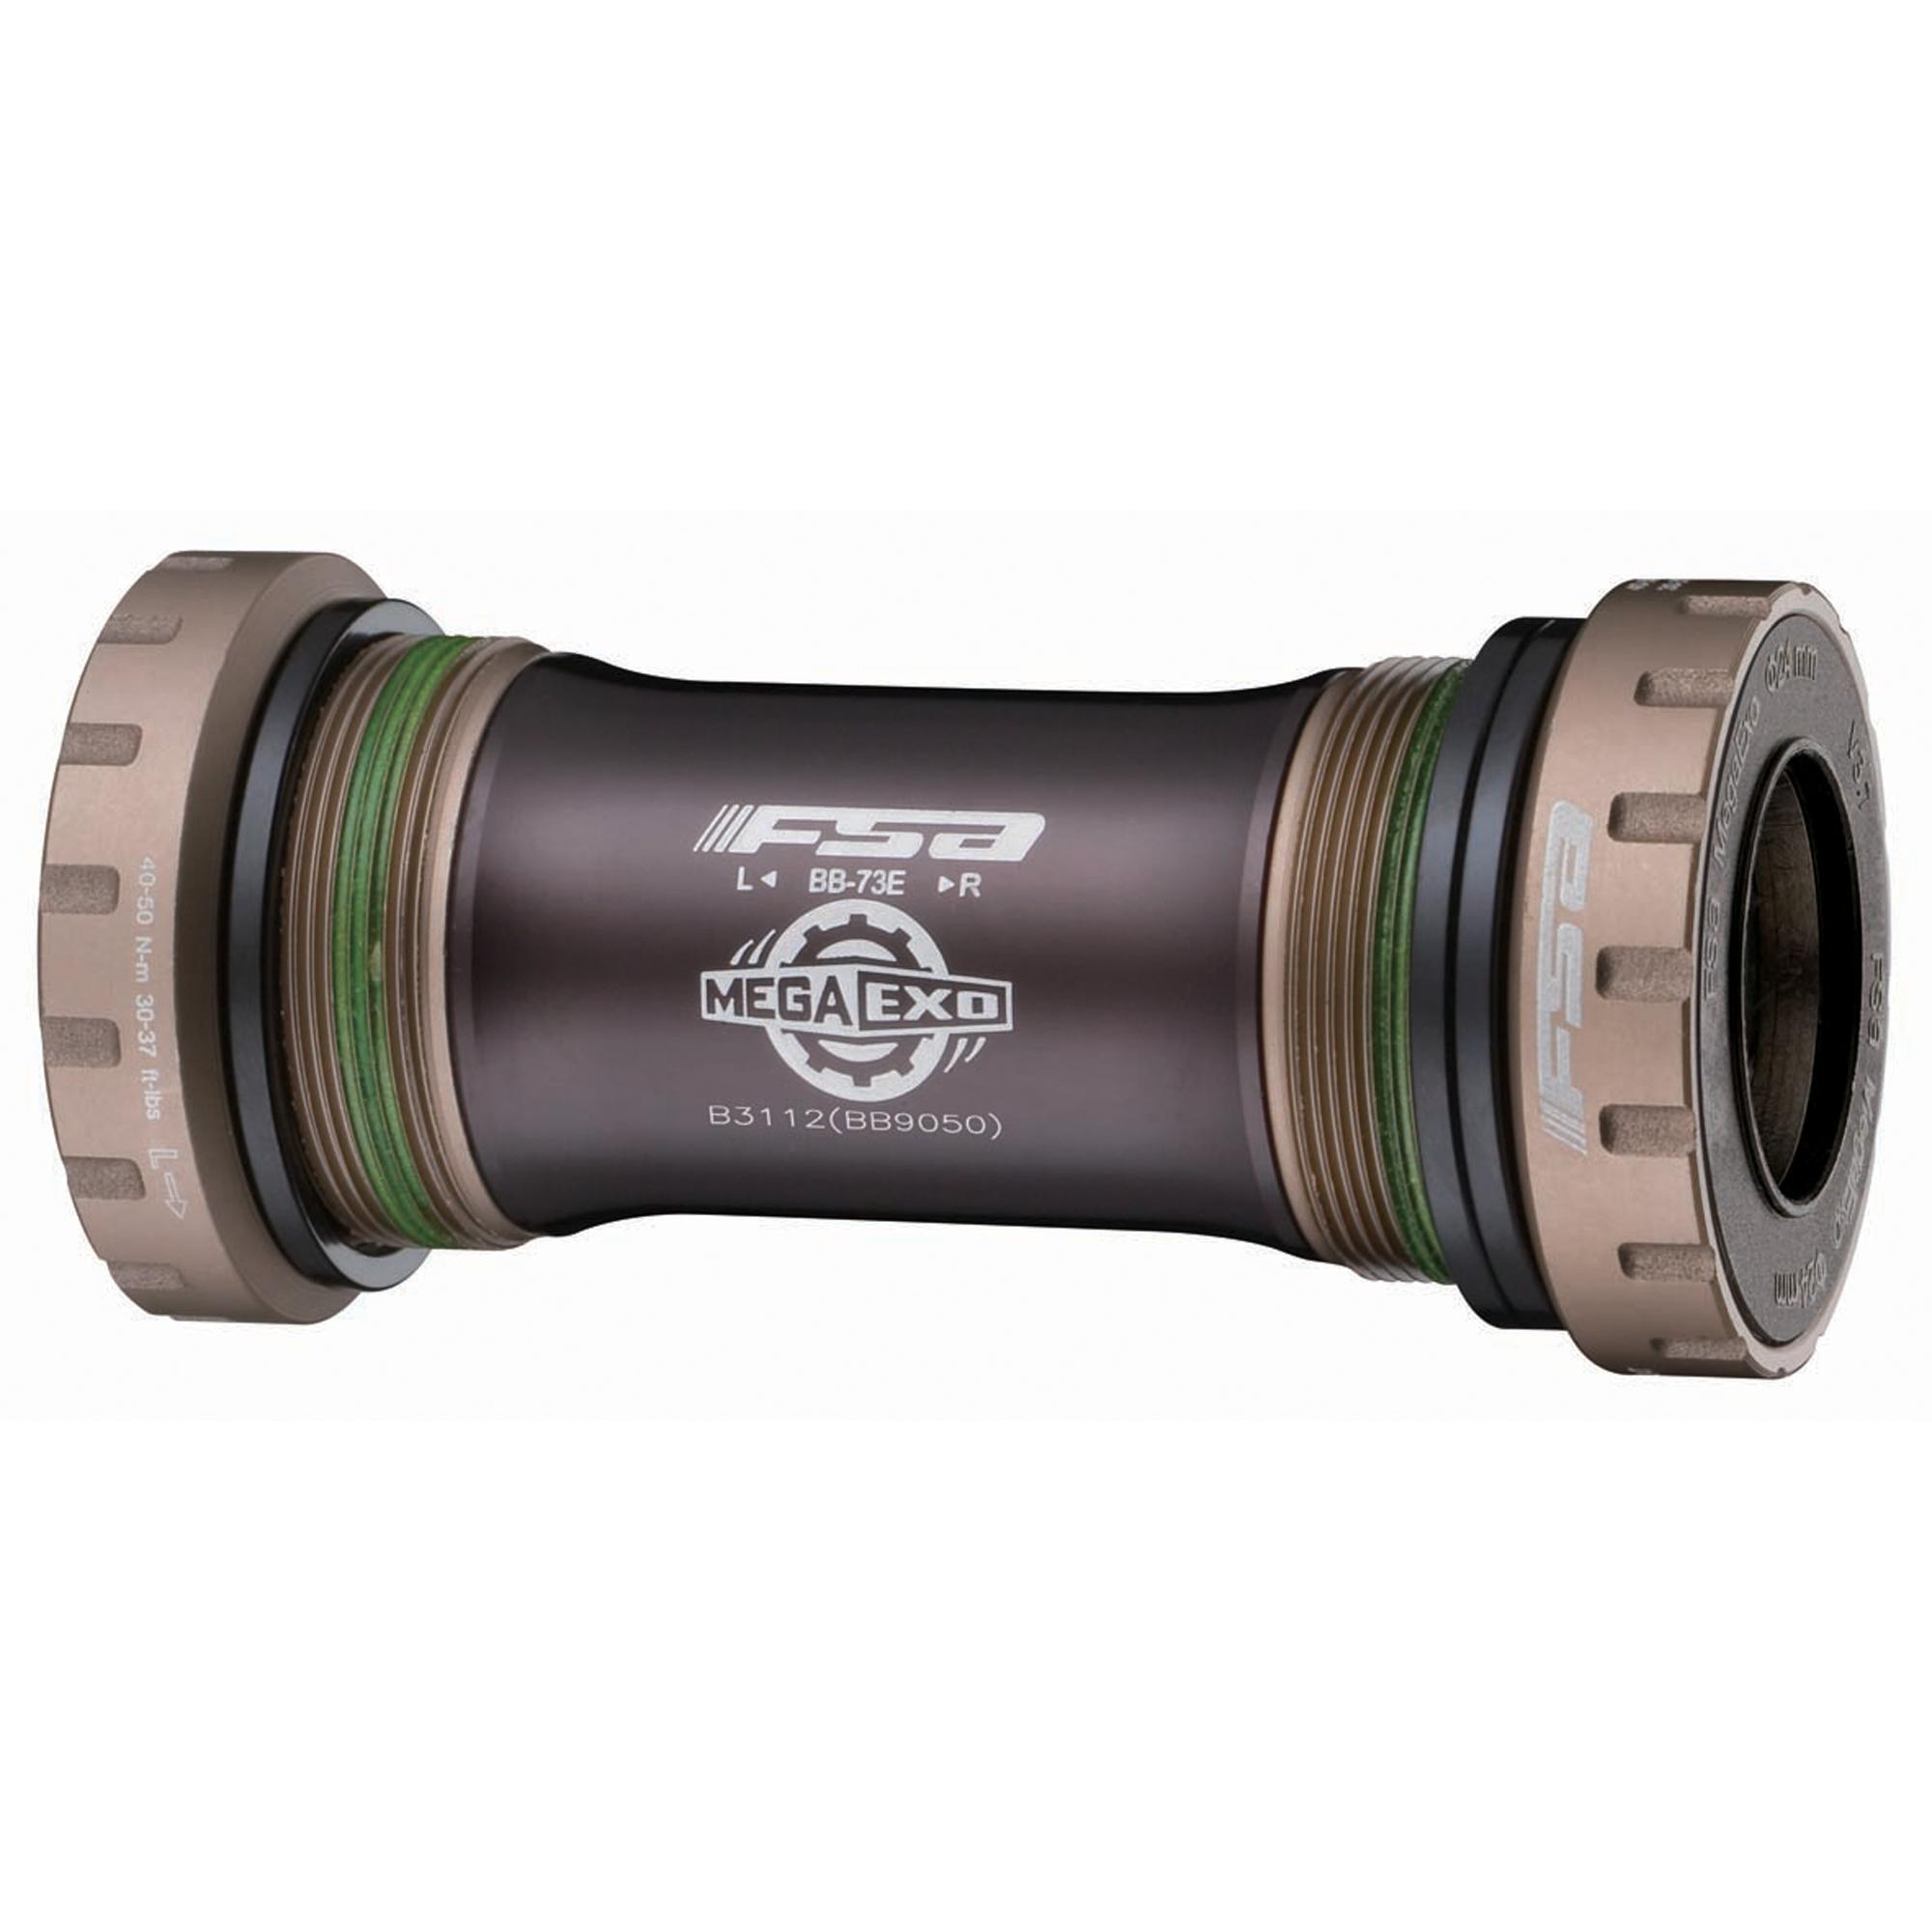 FSA, BB-9050, Mega Exo MTB, BB Shell: 68/73mm, Steel, Black, 200-1852